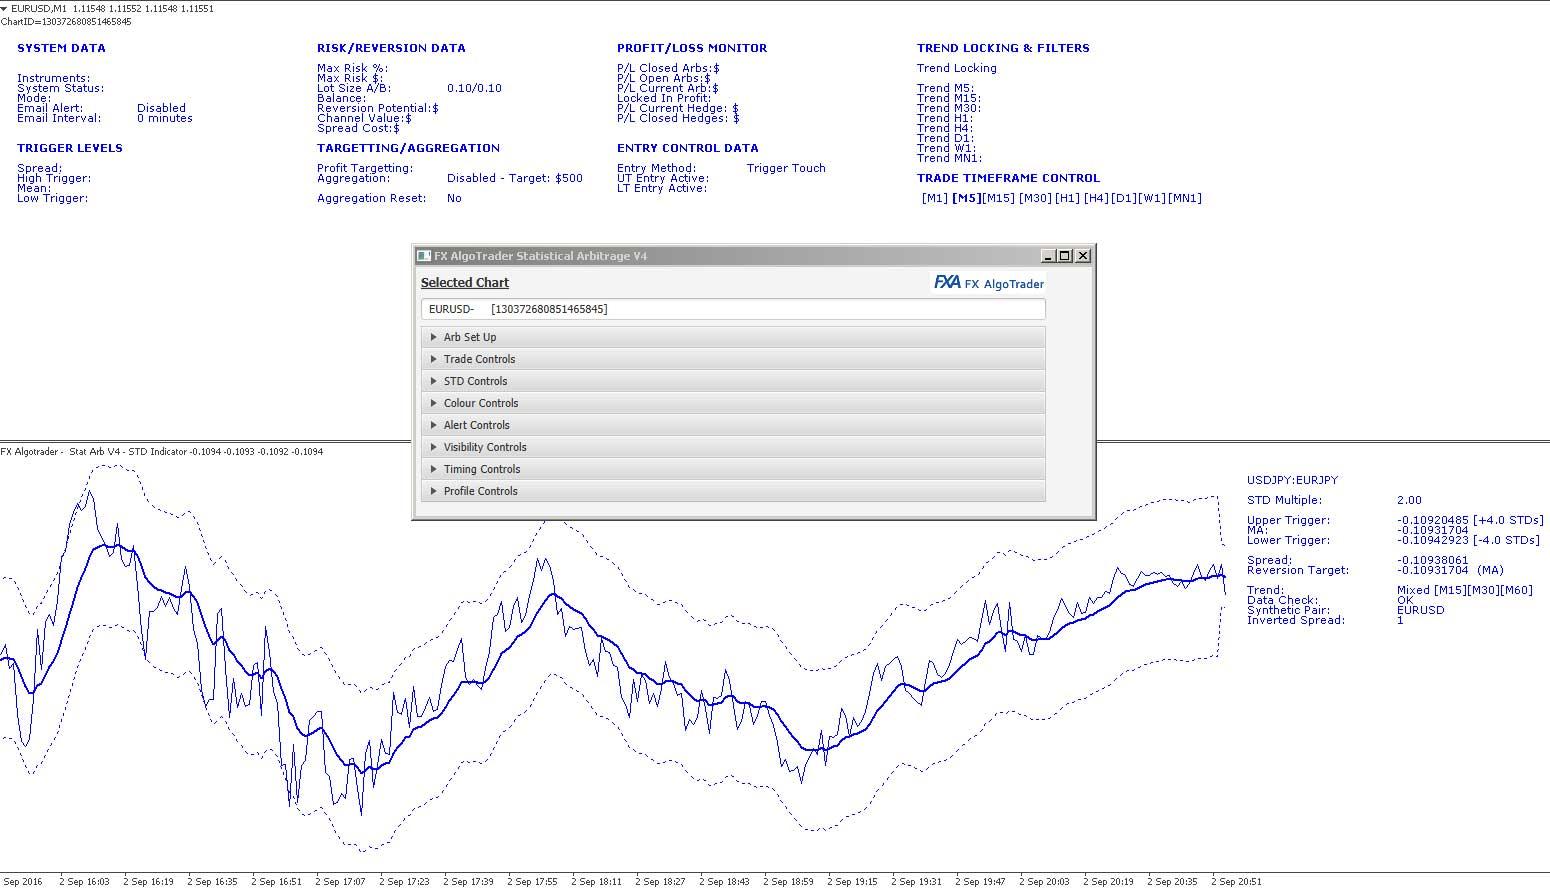 Statistical Arbitrage System for MetaTrader MT4